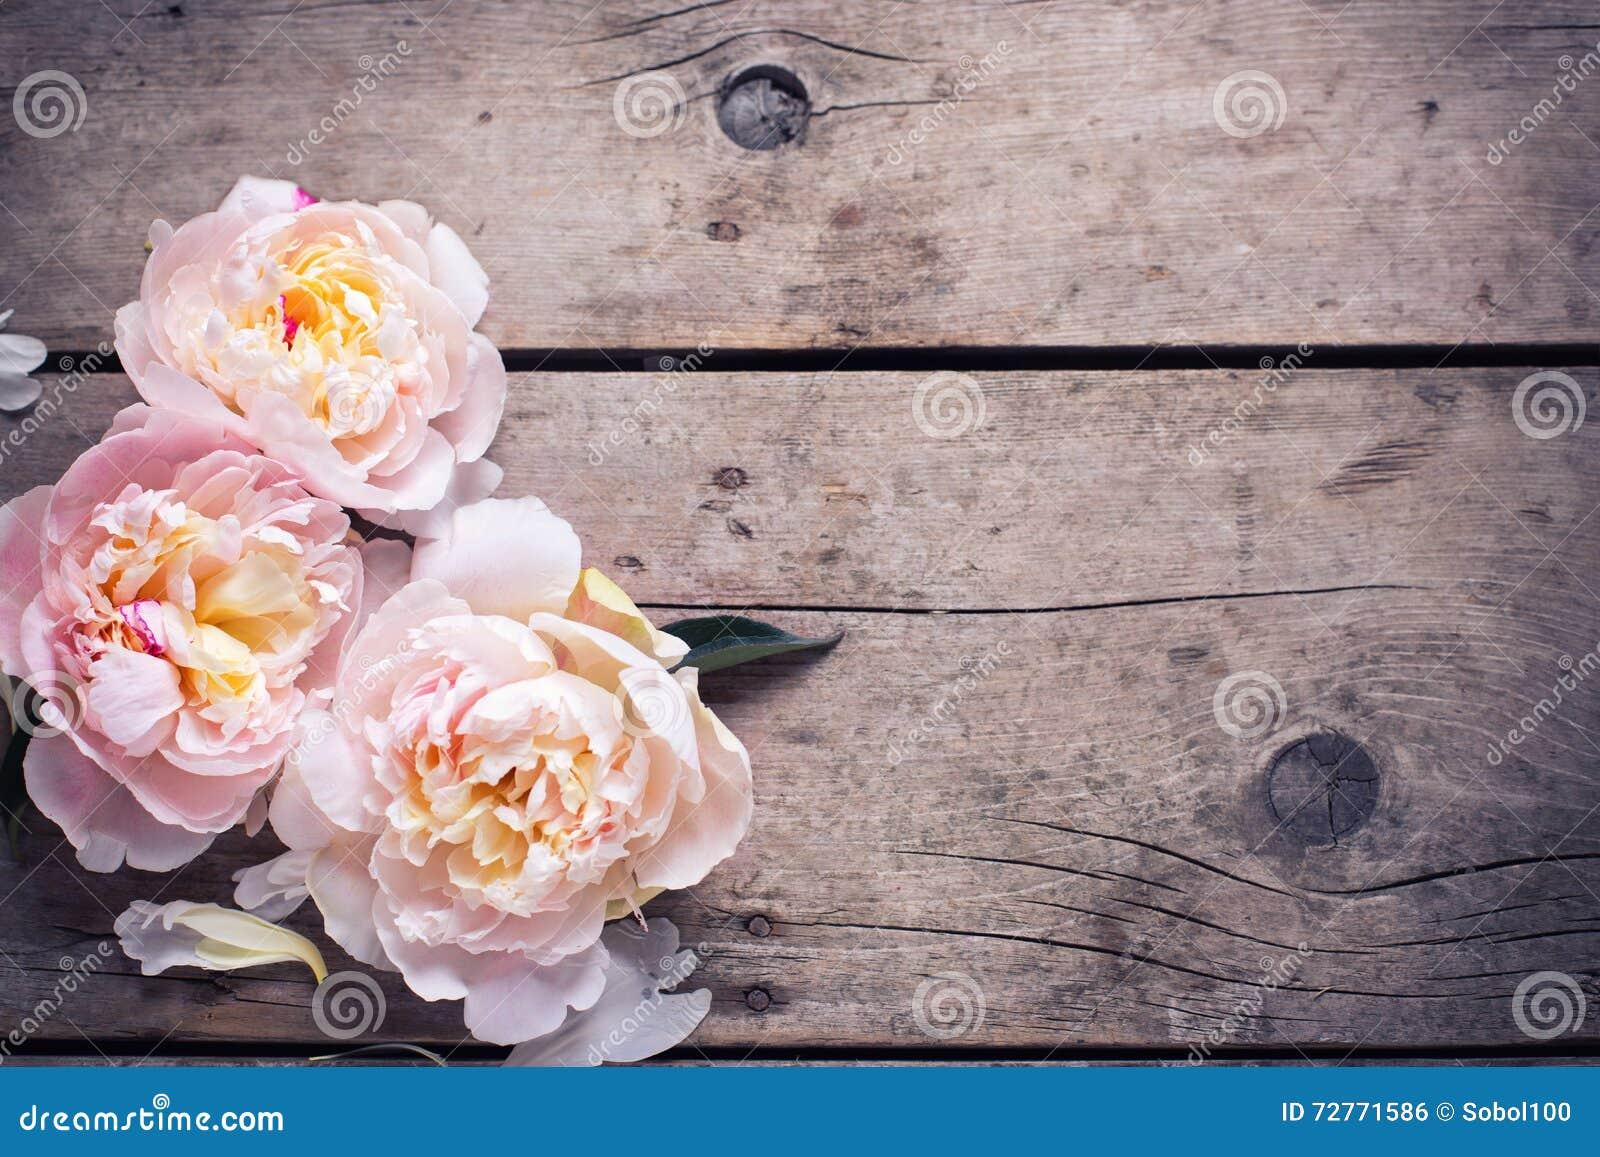 Zarte rosa Pfingstrosen blüht auf gealtertem hölzernem Hintergrund Flache Lage